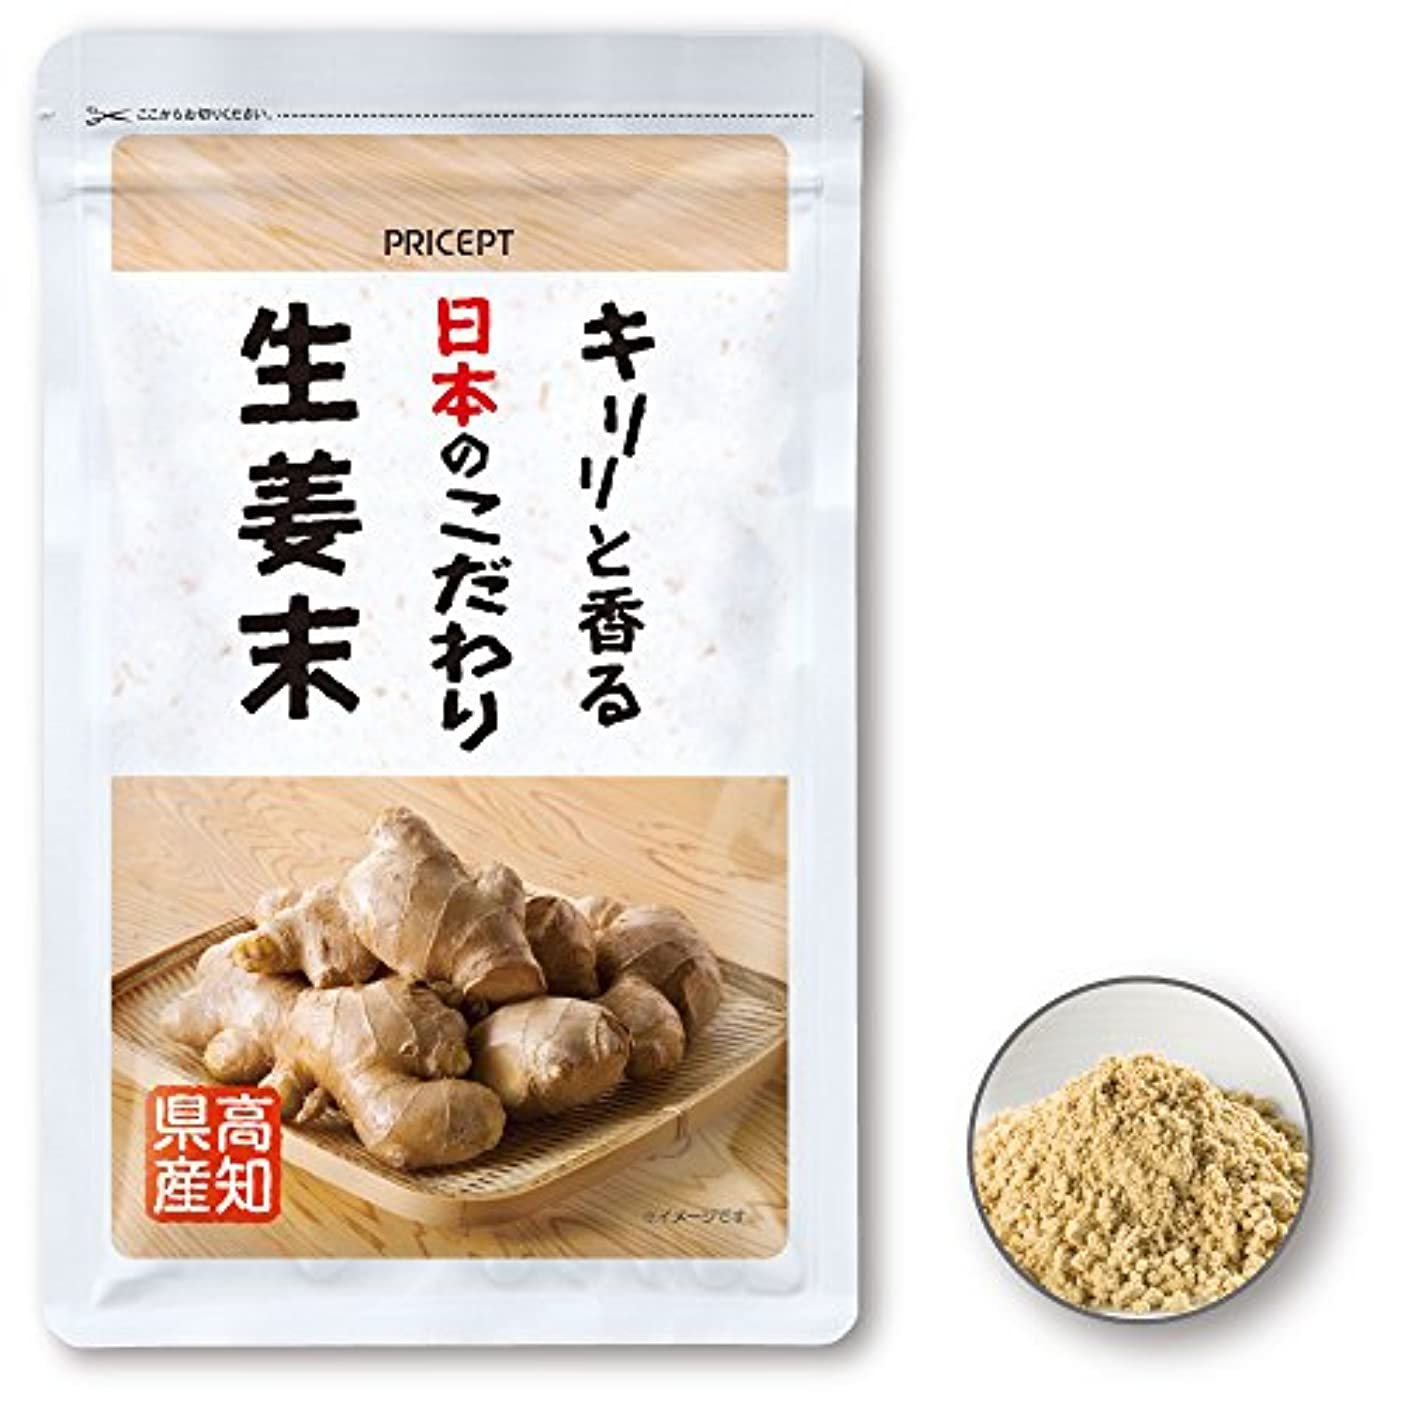 爆風勝つガウンプリセプト キリリと香る日本のこだわり生姜末 50g(単品)(高知県産しょうが粉末)